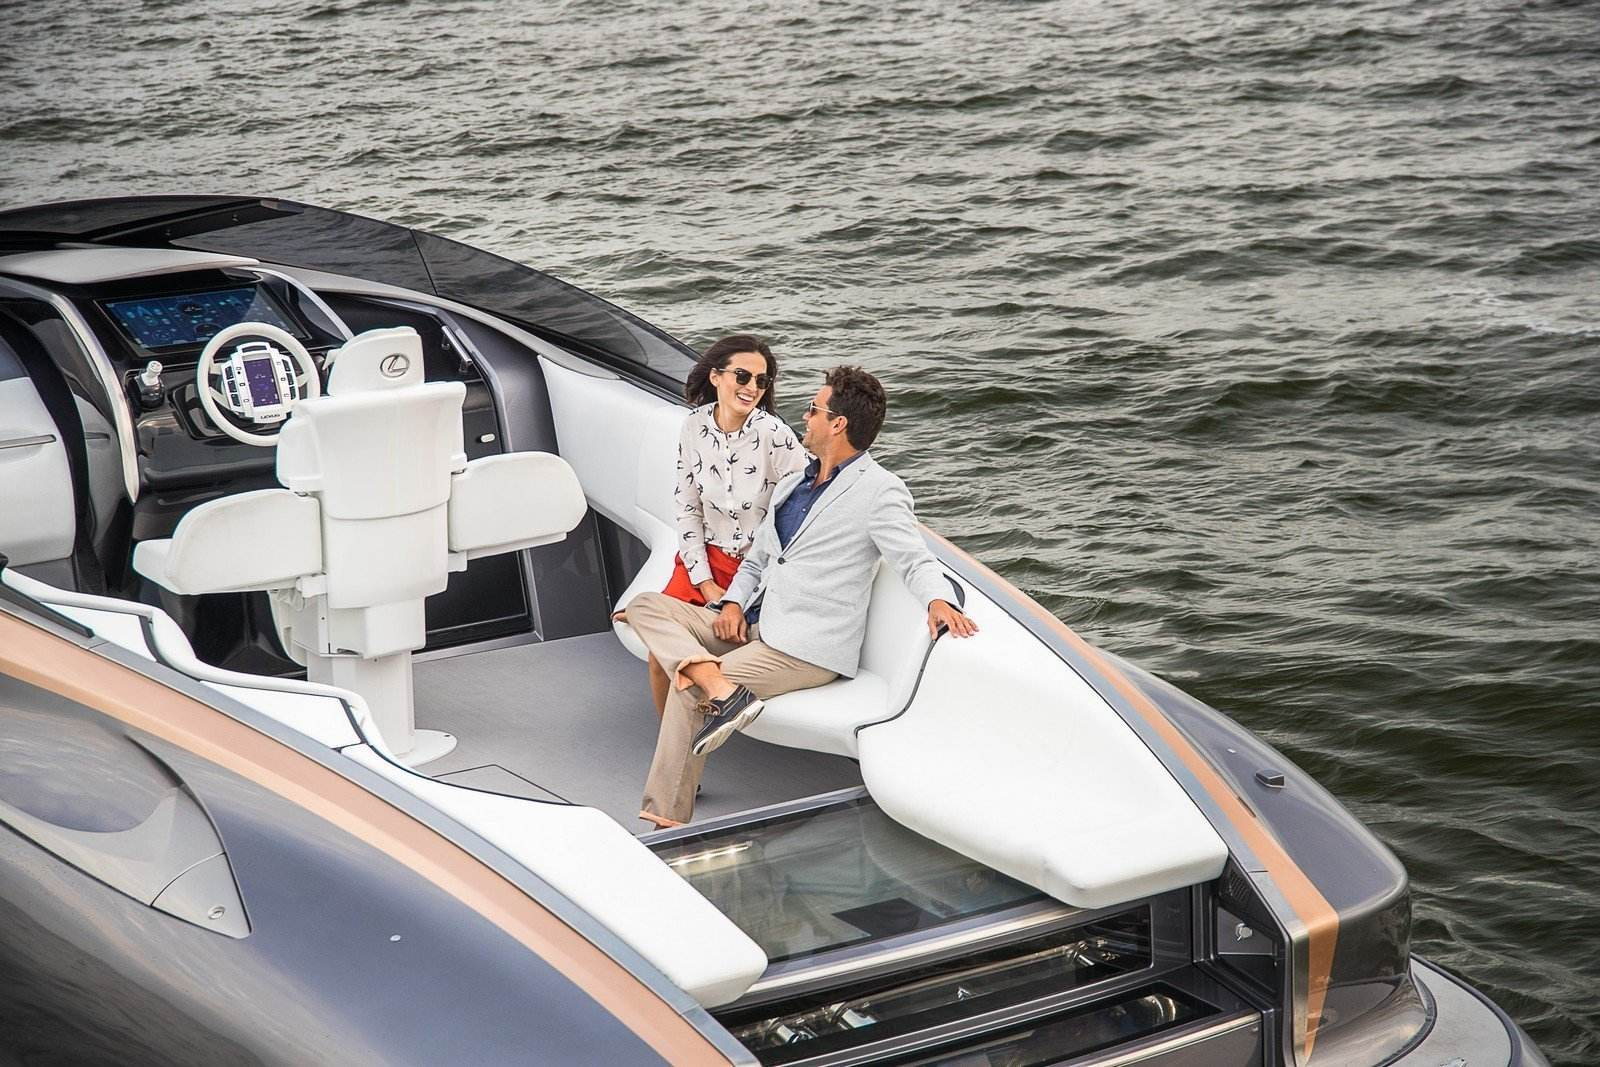 lexus_sport_yacht_concept_8_1db865aeedfe2820b2cf8baba3b038ac7fe08585